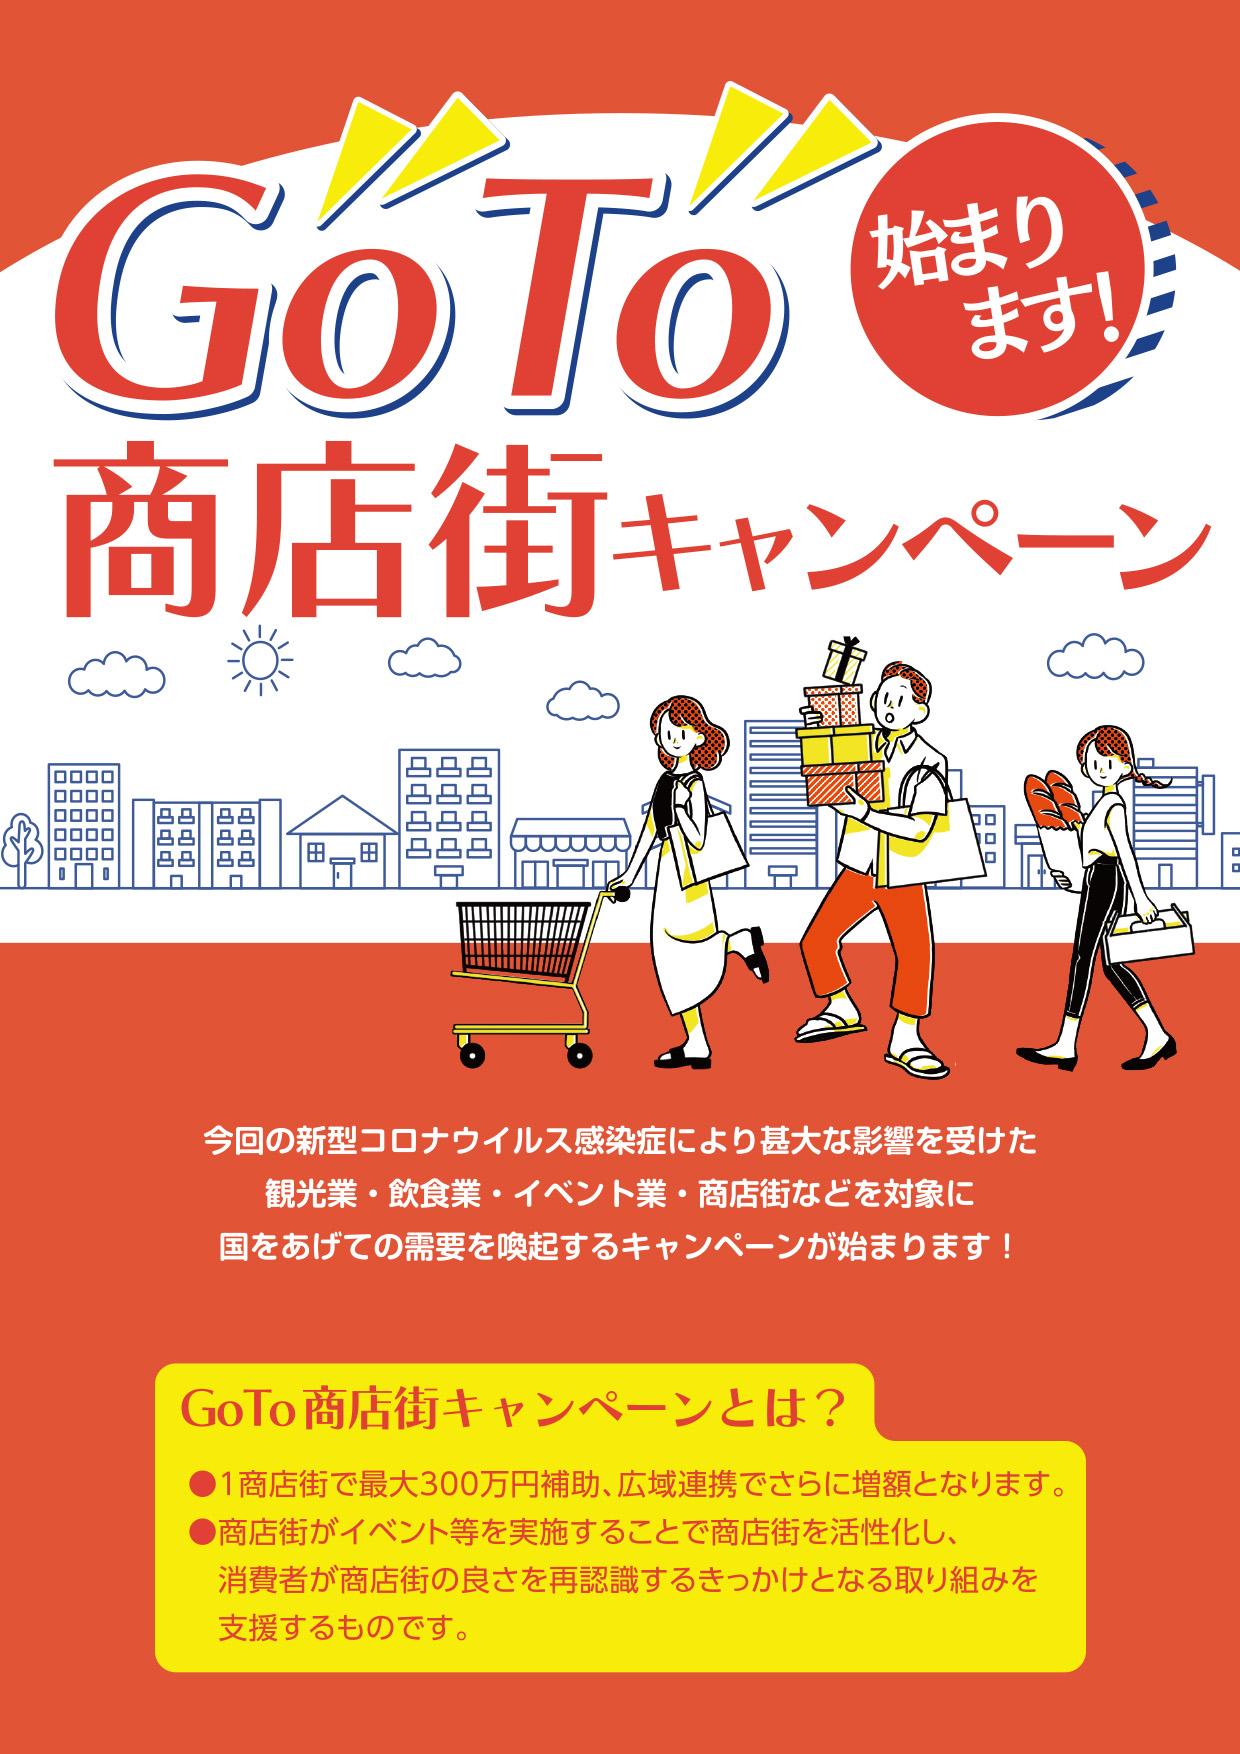 街 商店 キャンペーン to Go